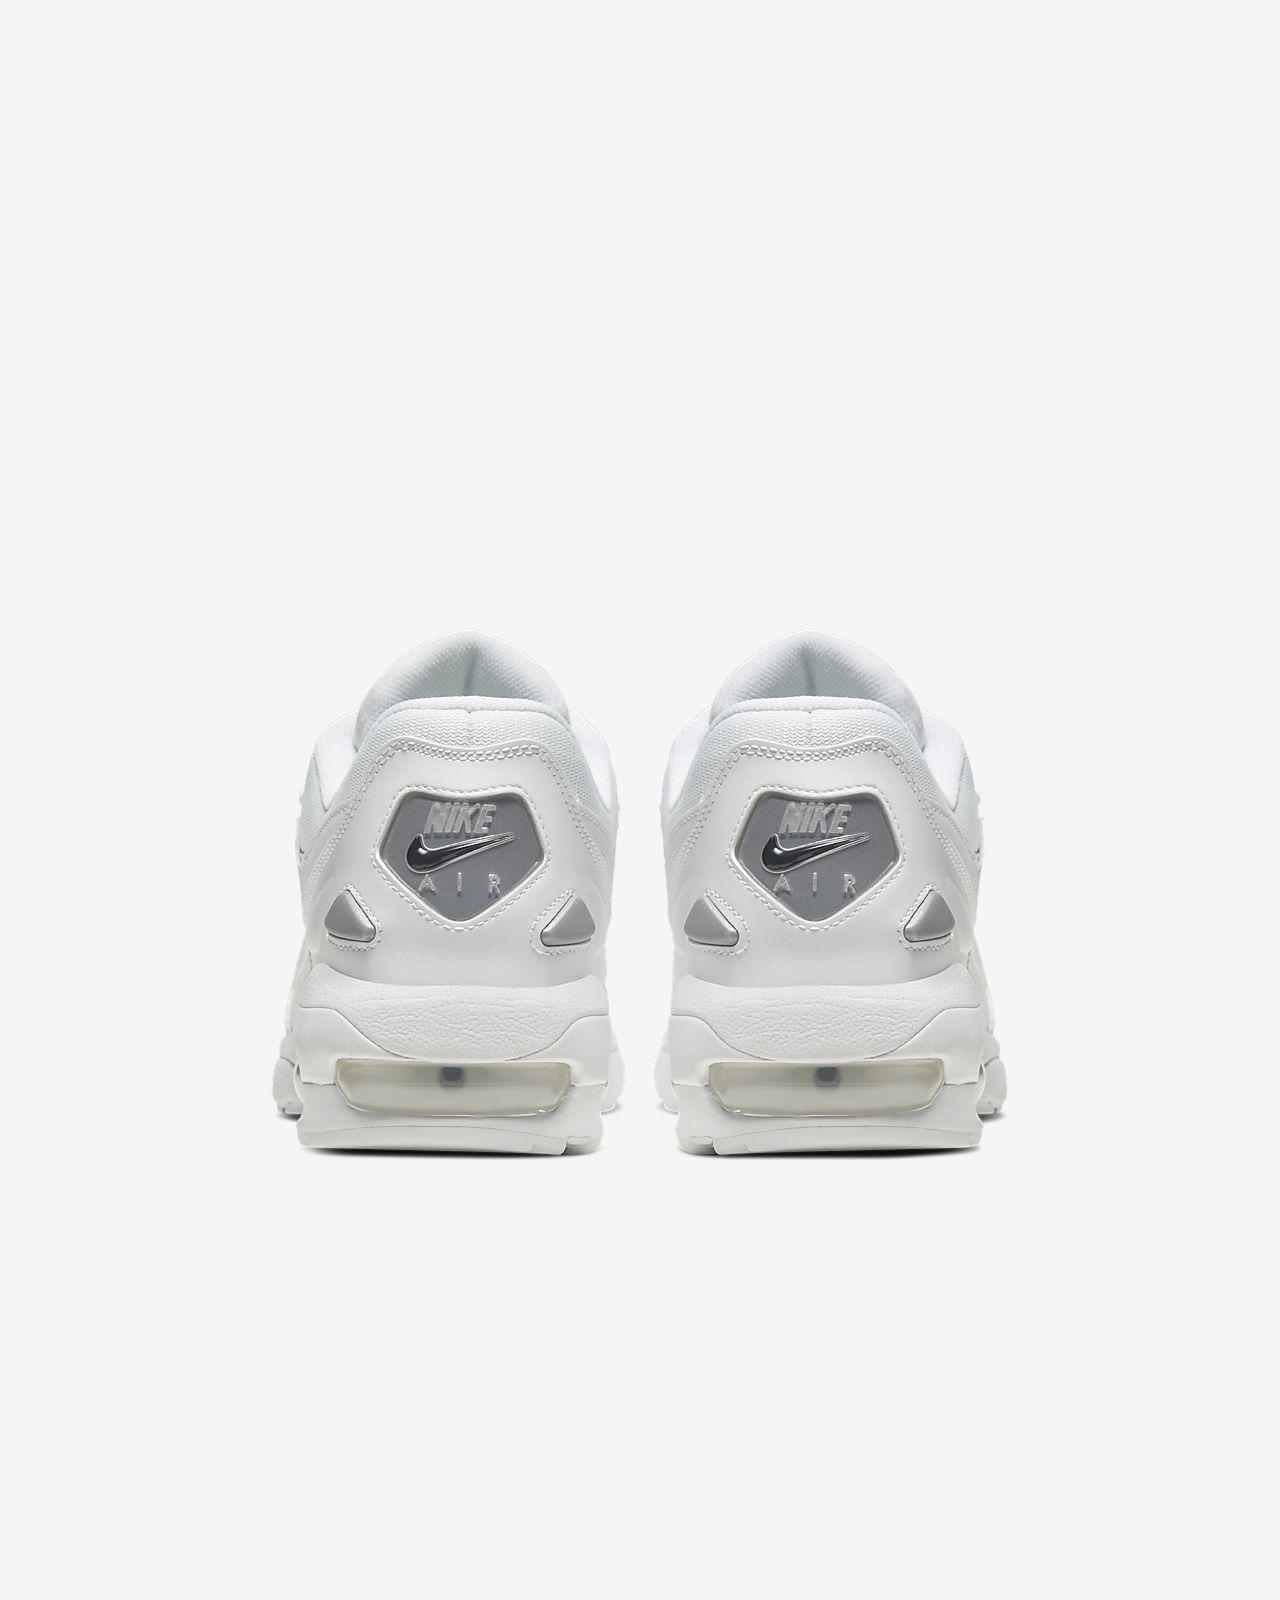 Nike Air Max2 Light Premium Sneakers Ss20  